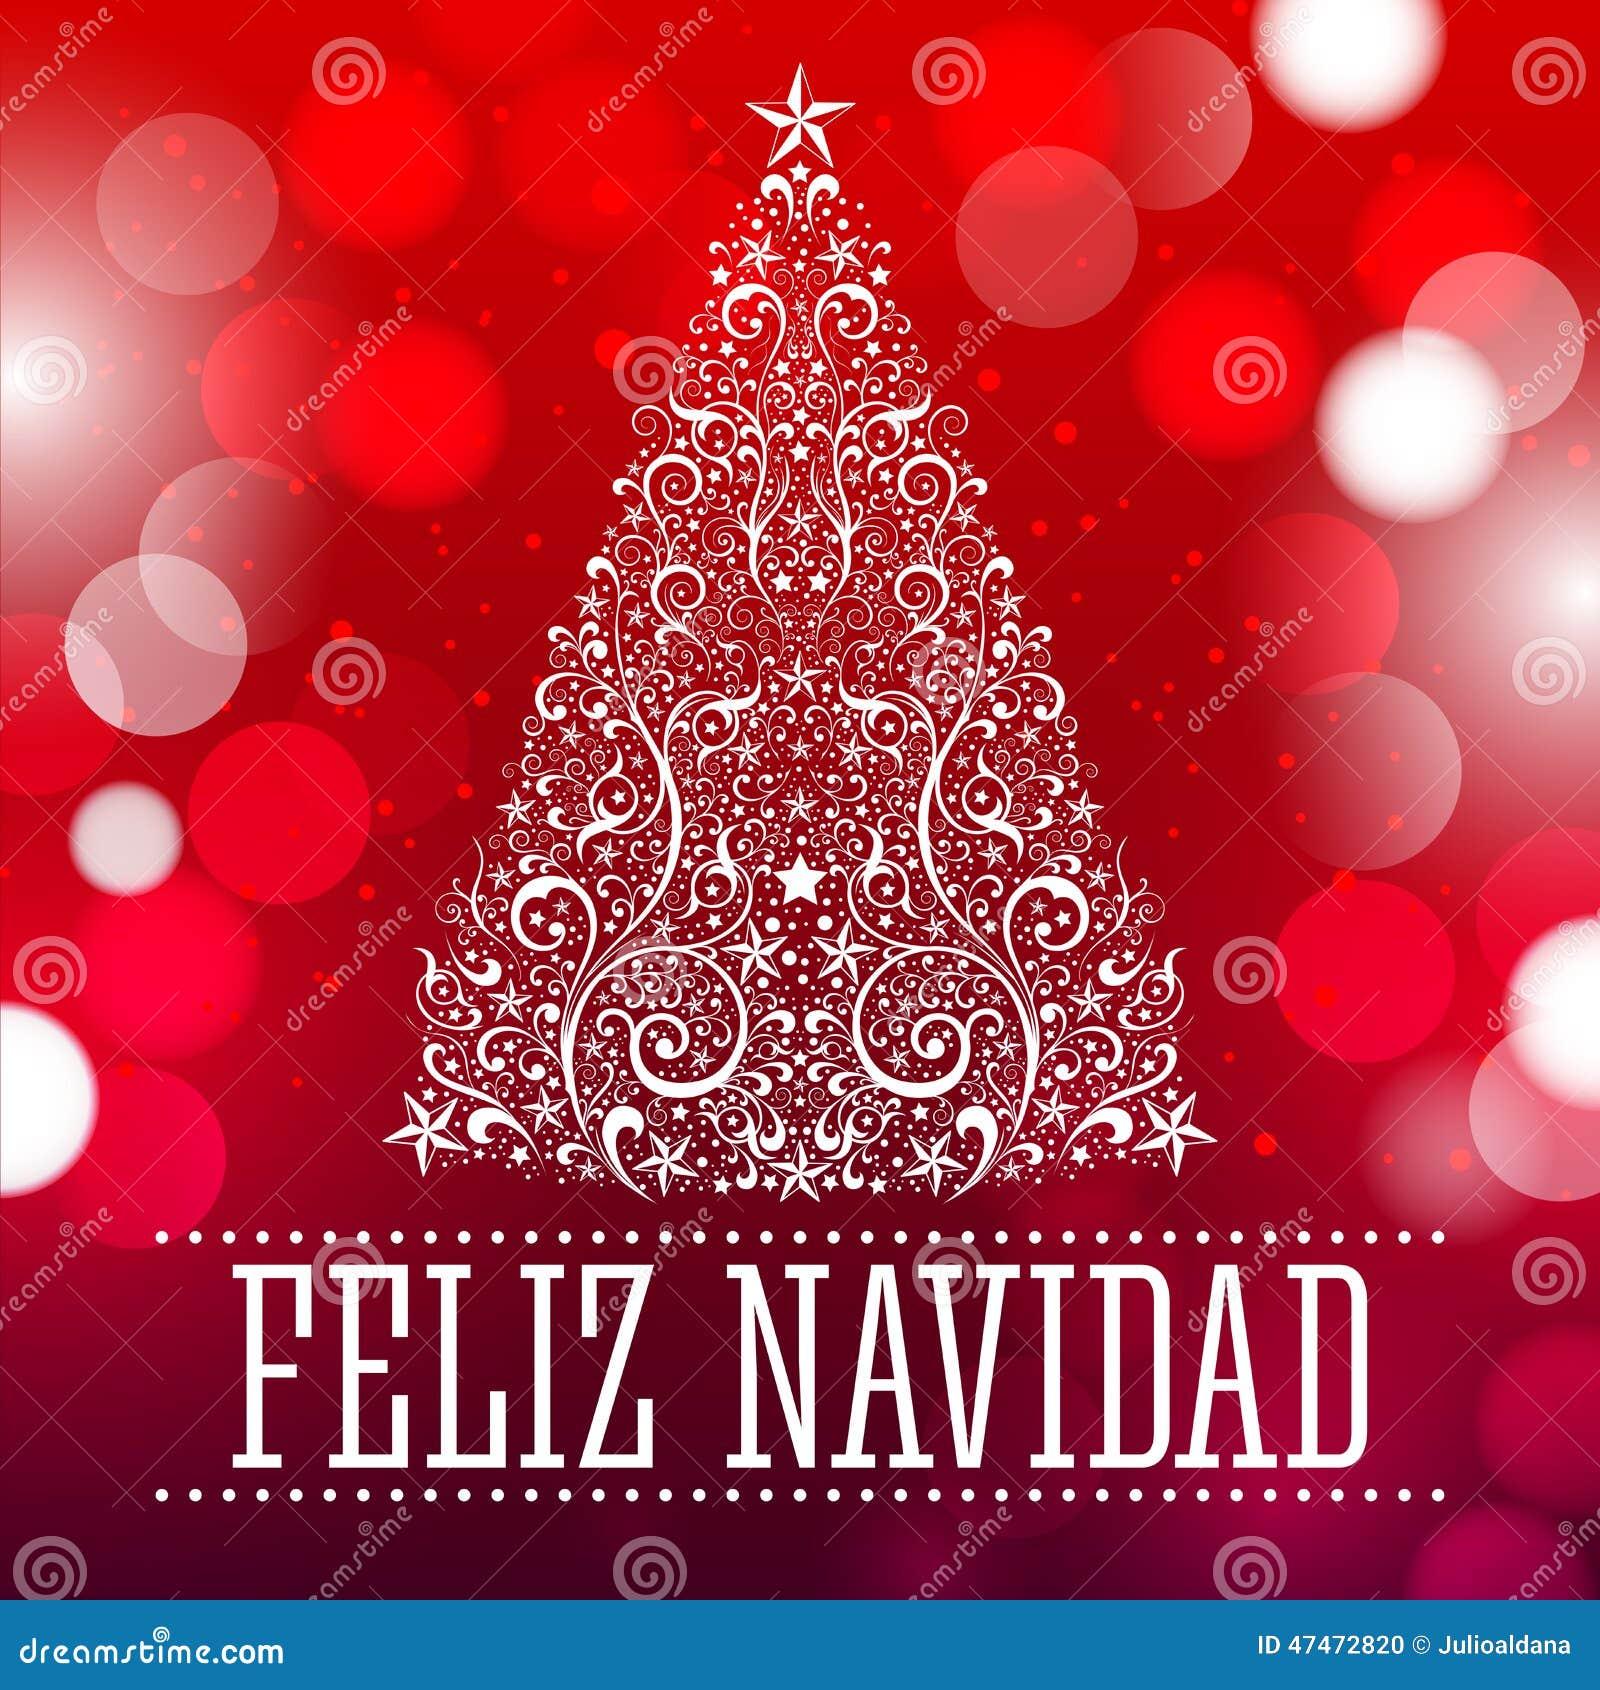 noel en espagnol Feliz Navidad   Texte D'Espagnol De Joyeux Noël Illustration de  noel en espagnol